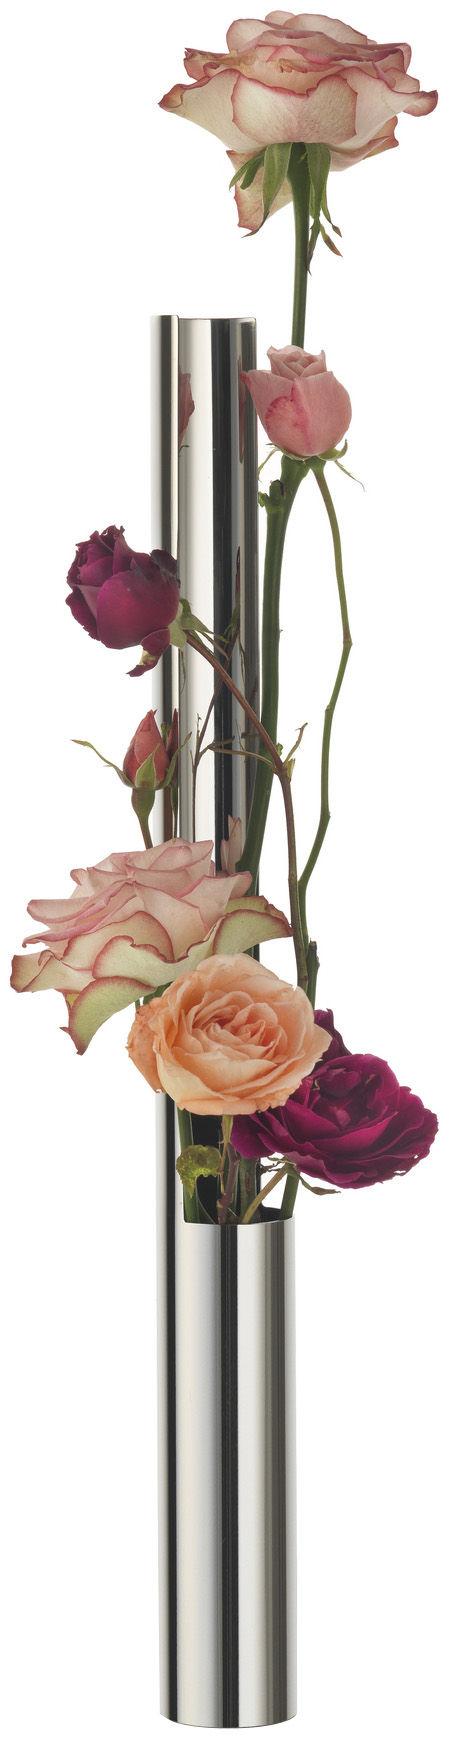 Déco - Vases - Soliflore Flower Vase Tube - Alessi - Acier brillant - Acier inoxydable poli